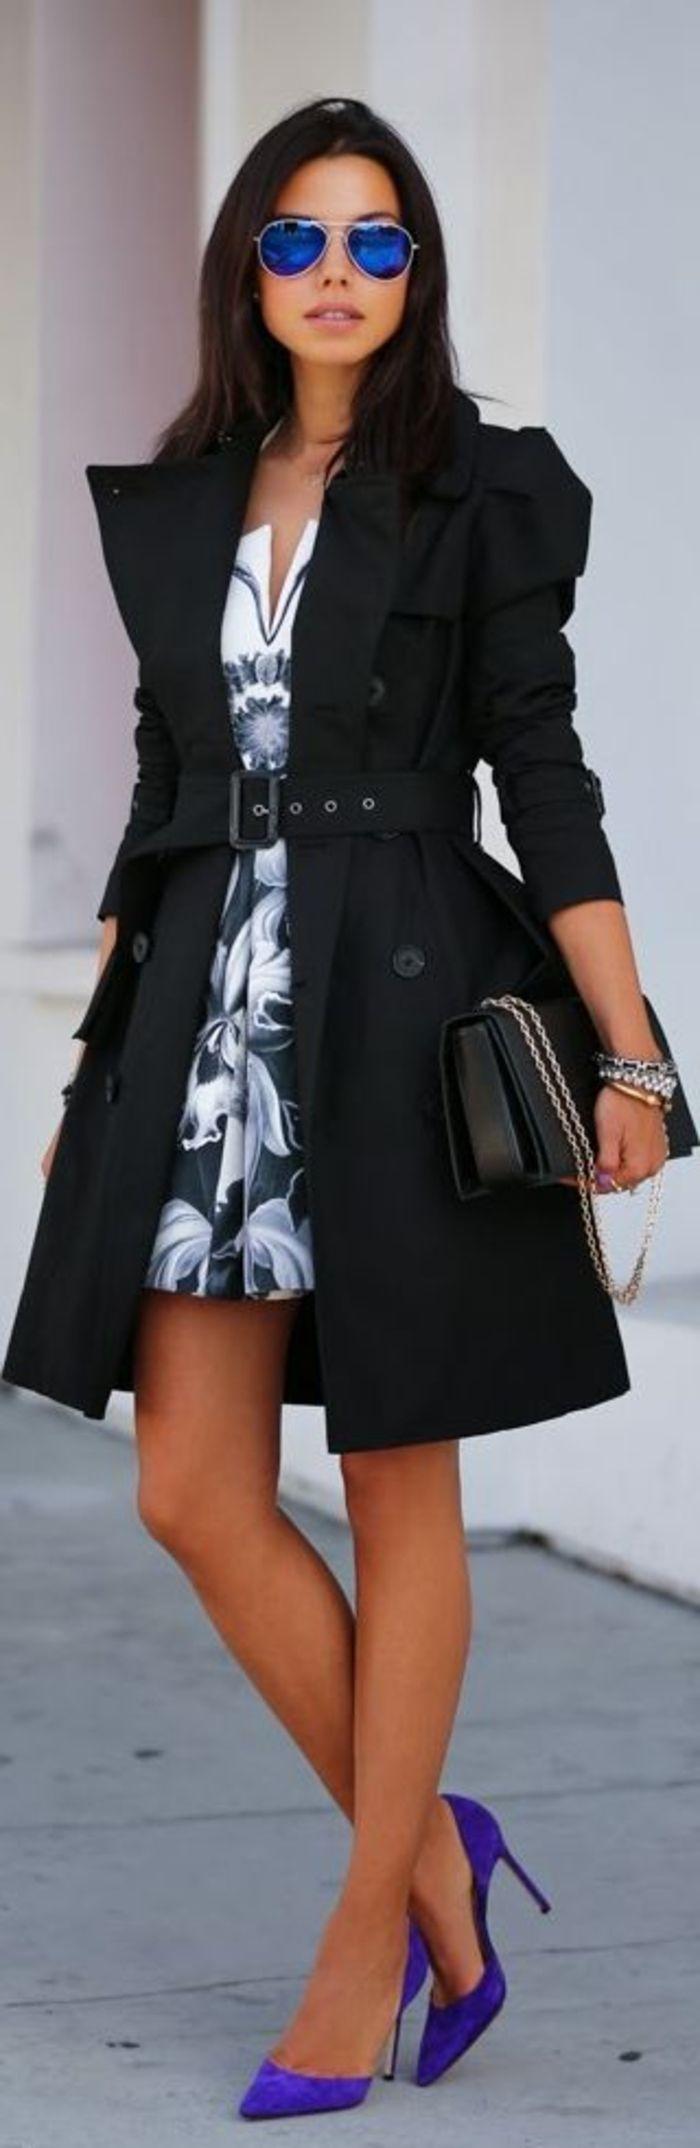 tenue chic femme les meilleures 60 id es fashion pinterest. Black Bedroom Furniture Sets. Home Design Ideas